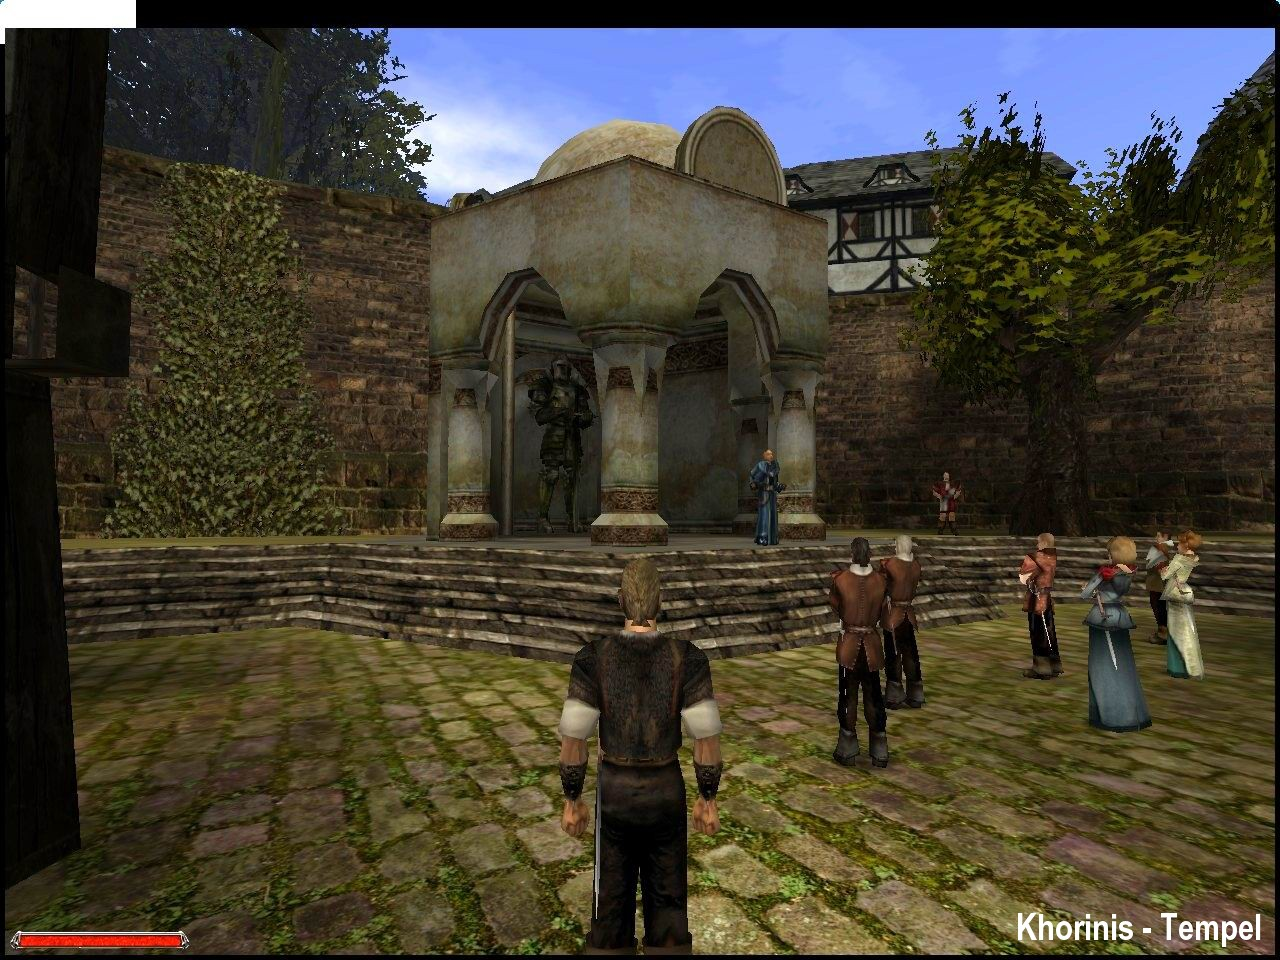 16 GII - Khorinis Tempel.jpg